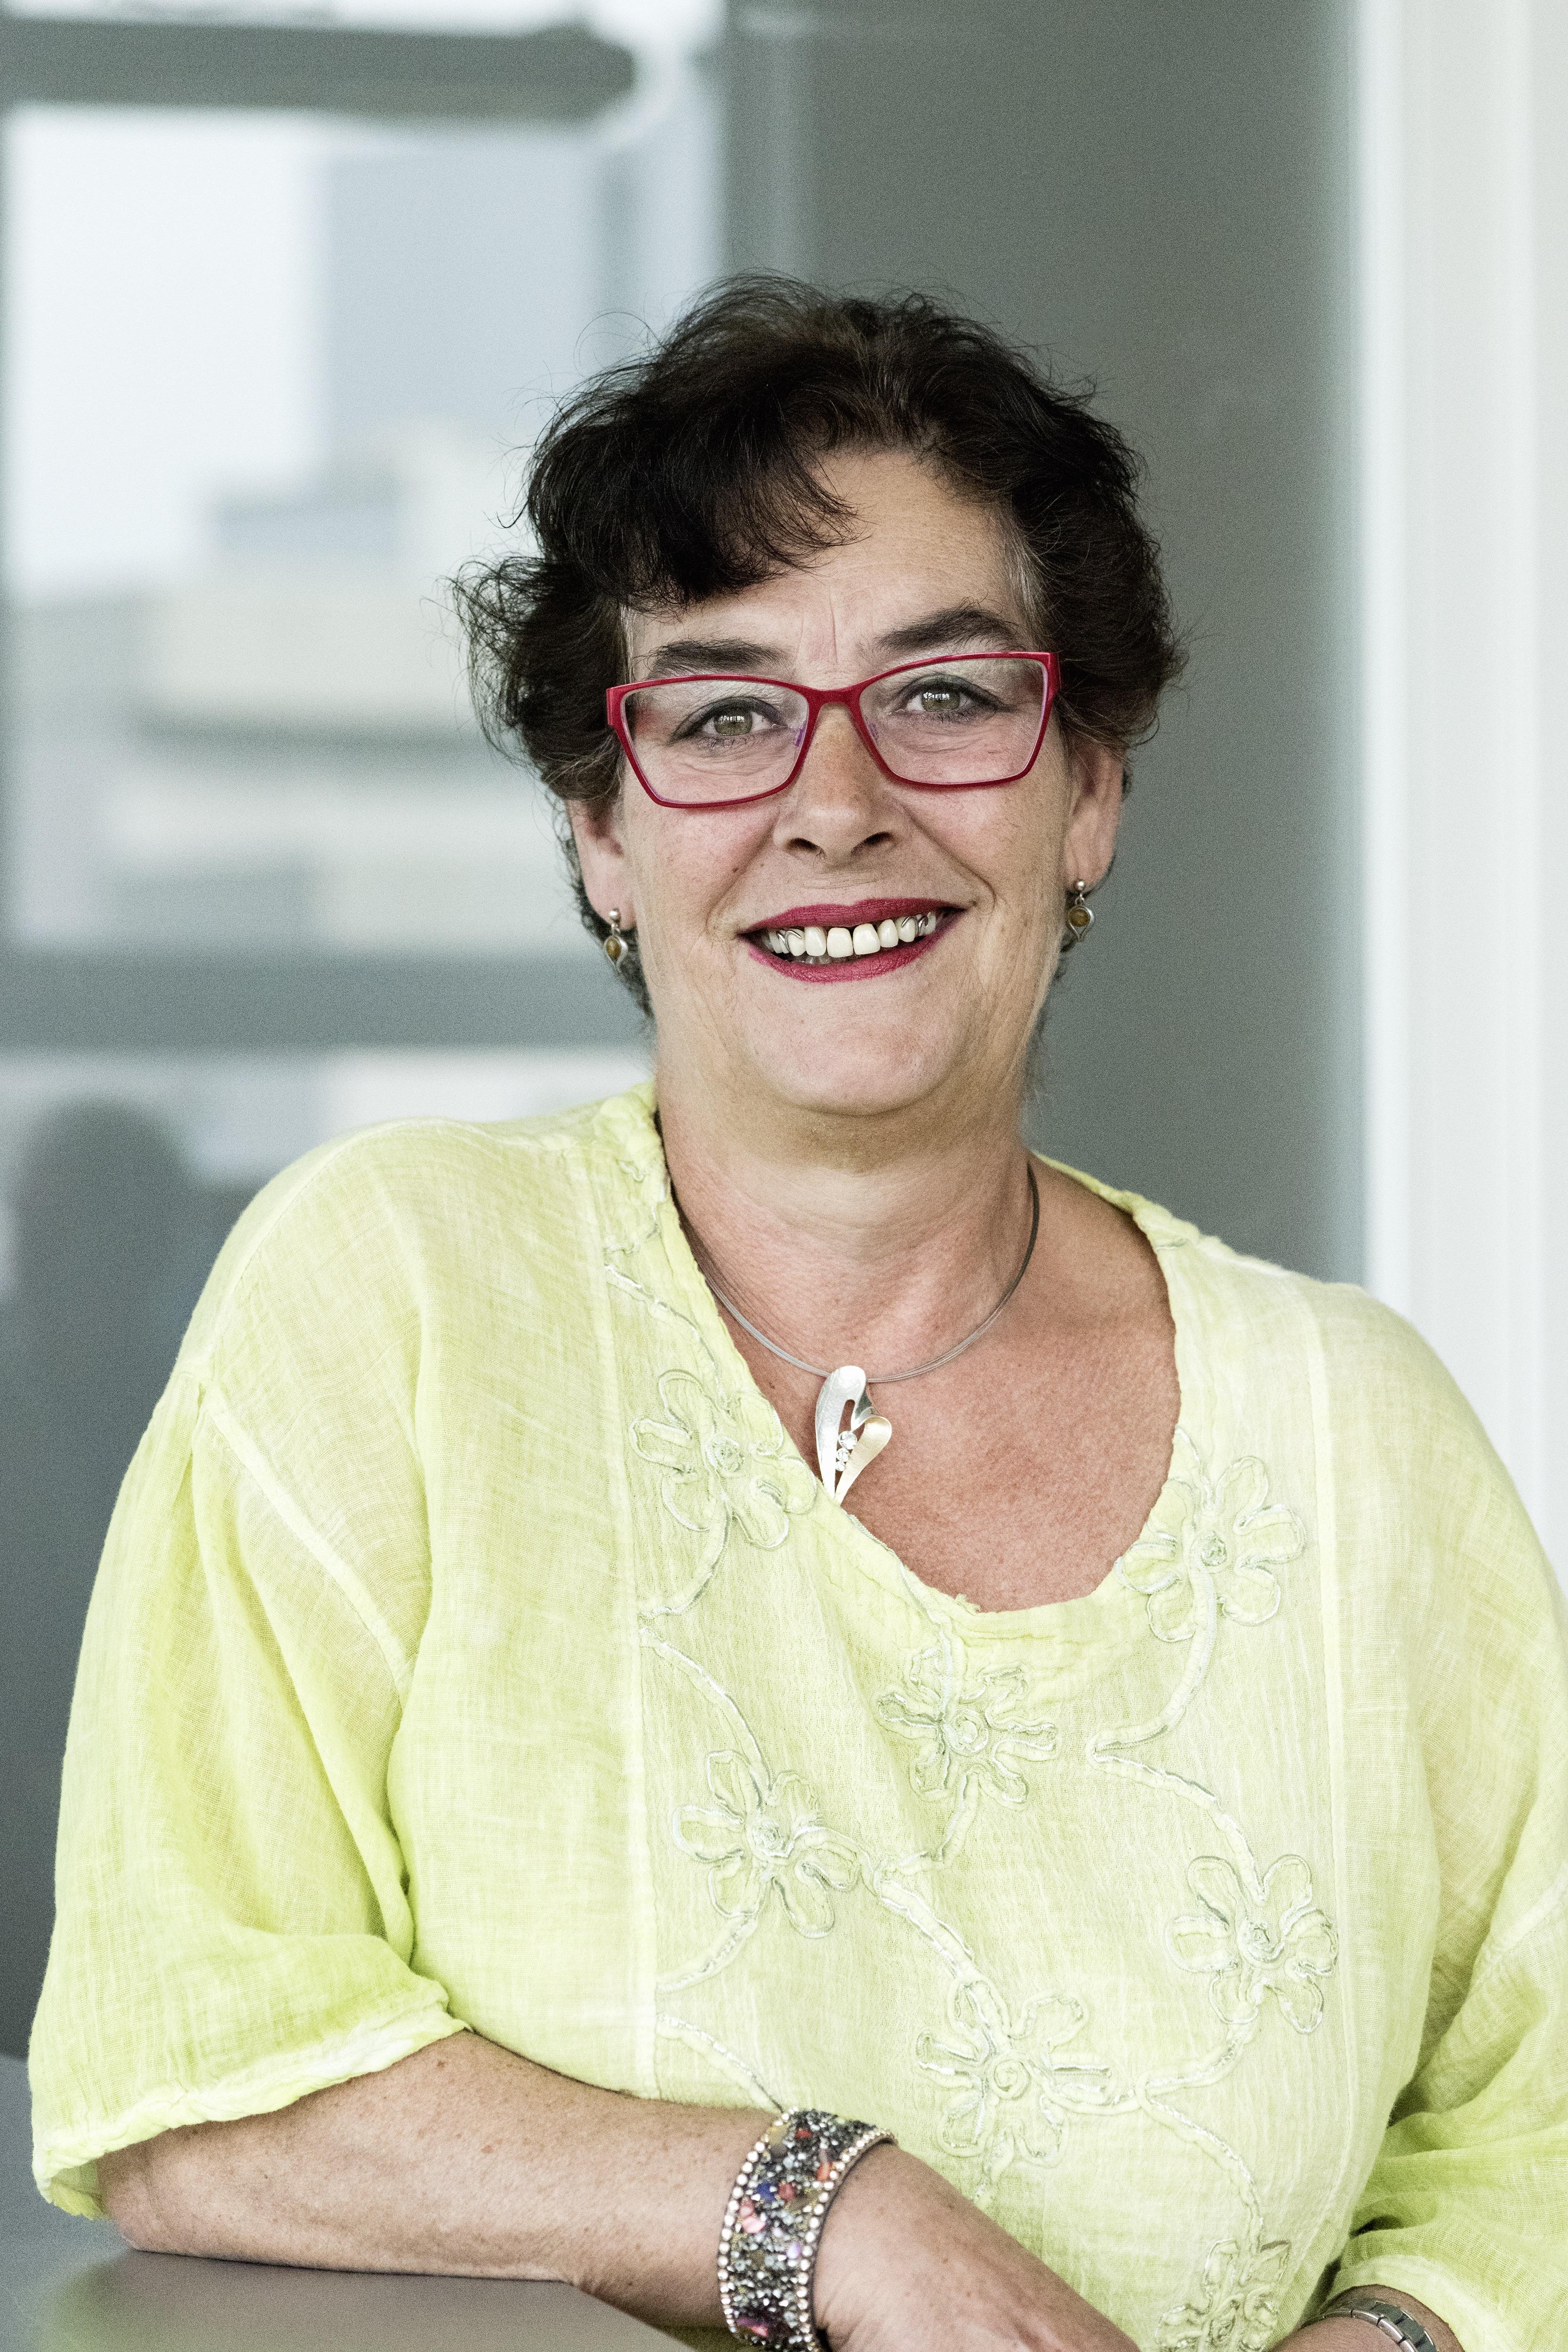 Ursula Burkart